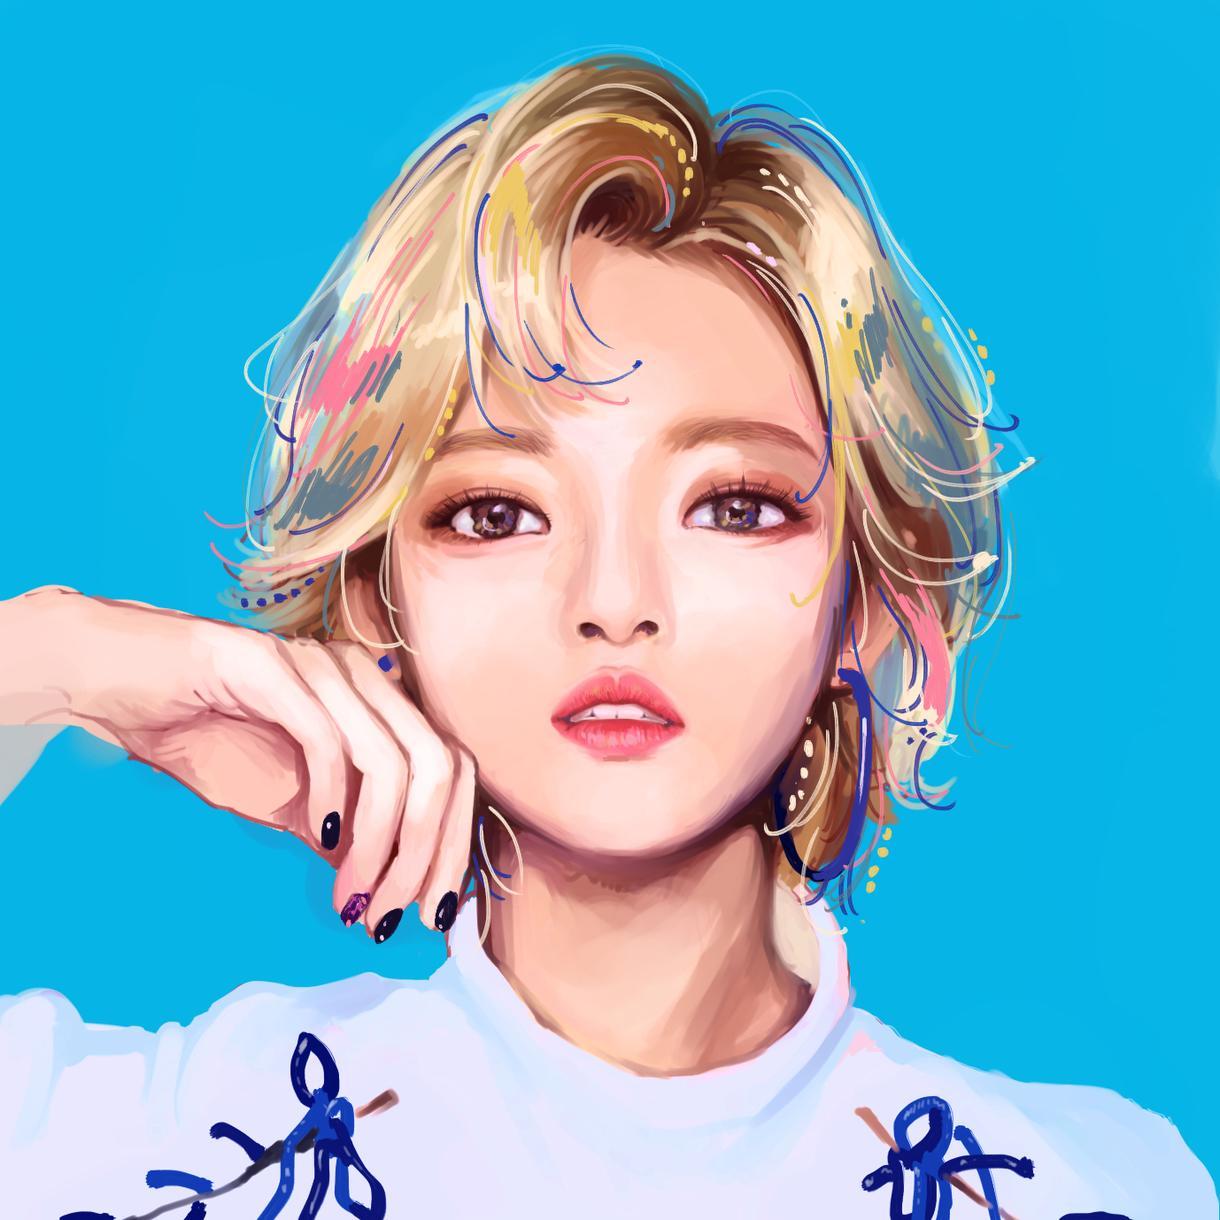 女の子♡水彩厚塗り風のアートな似顔絵描きます 自分や友人へのギフトの他、好きな芸能人をアートとしても